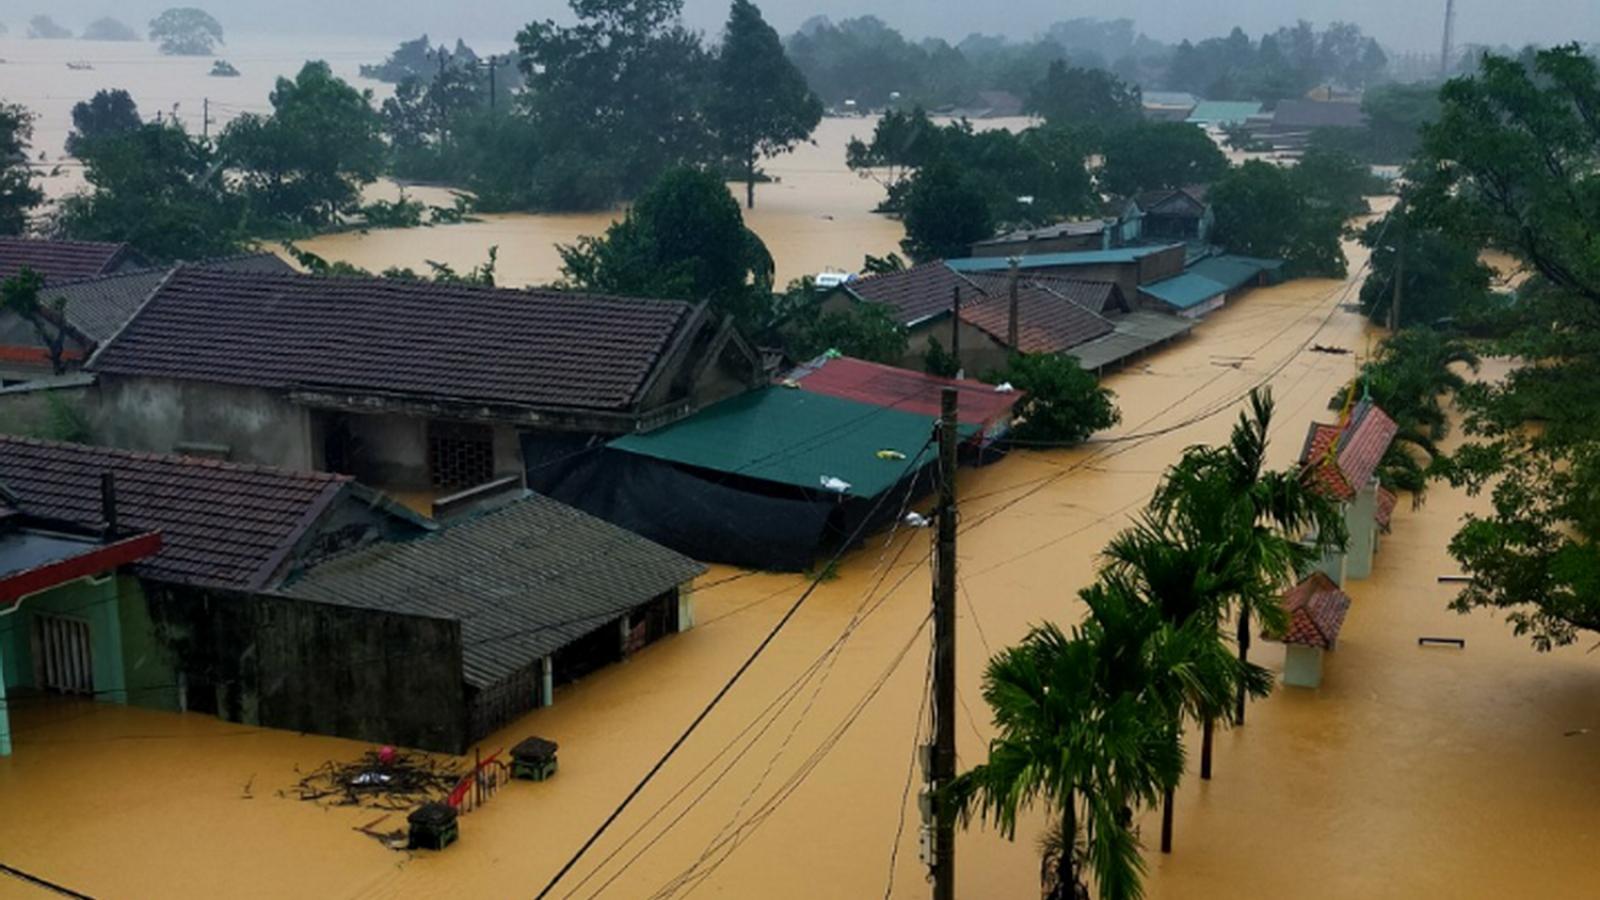 Một ngôi nhà ở Quảng Trị bị sập lúc rạng sáng khiến 2 mẹ con thương vong